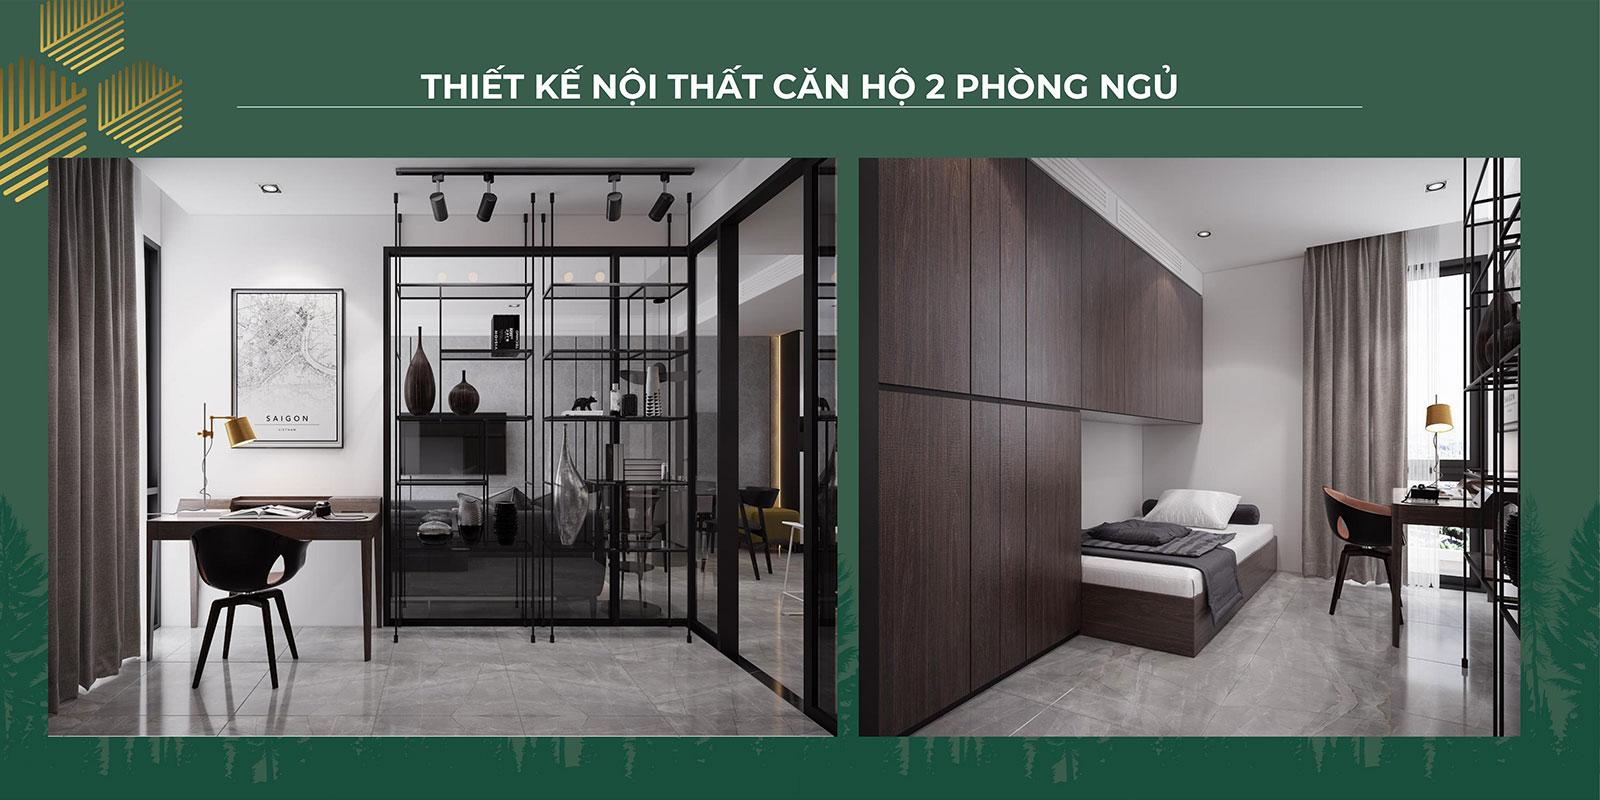 Thiết kế nội thất căn hộ 2PN 03